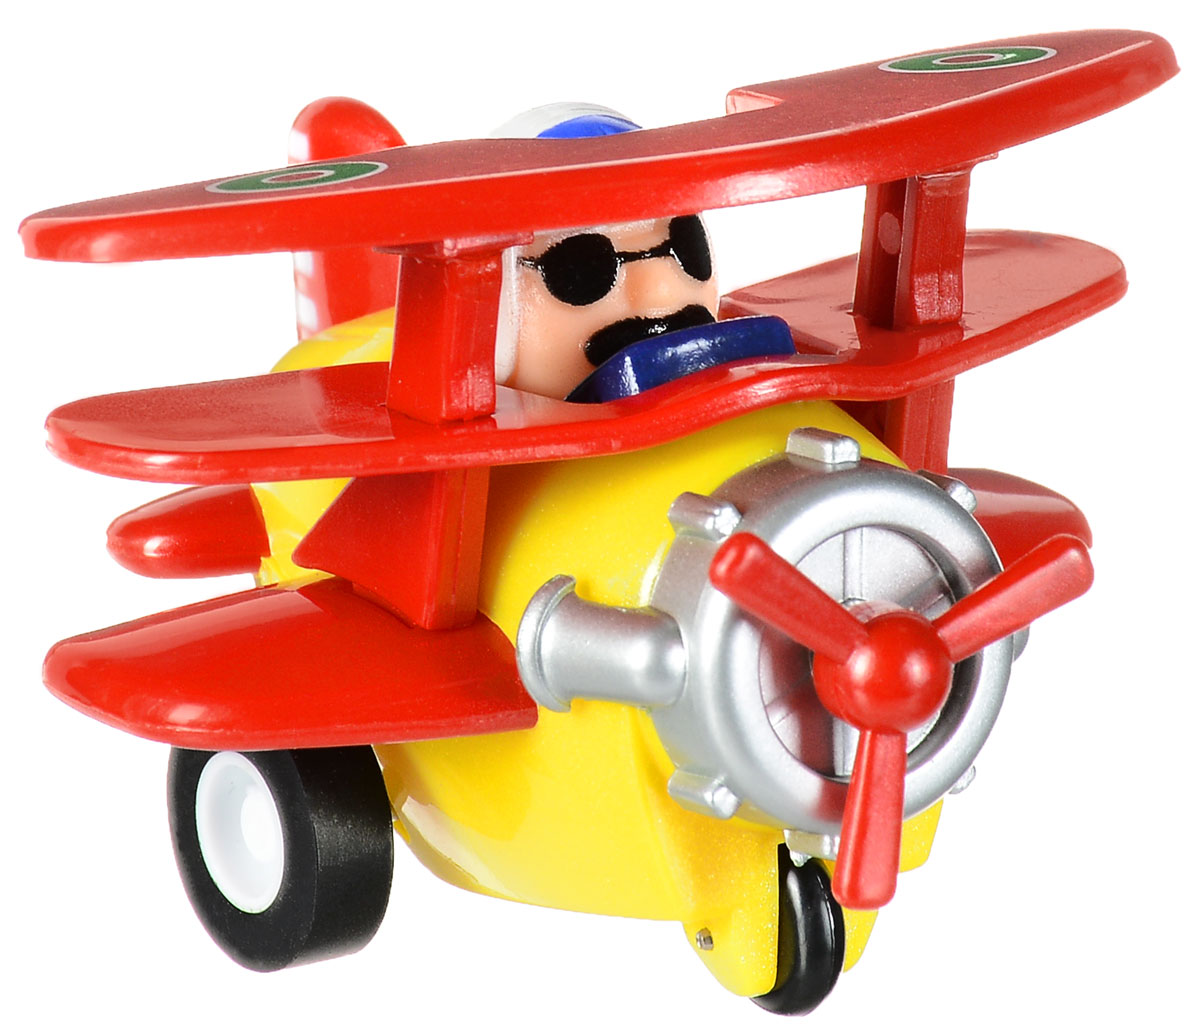 Hans Самолет инерционный цвет красный желтый